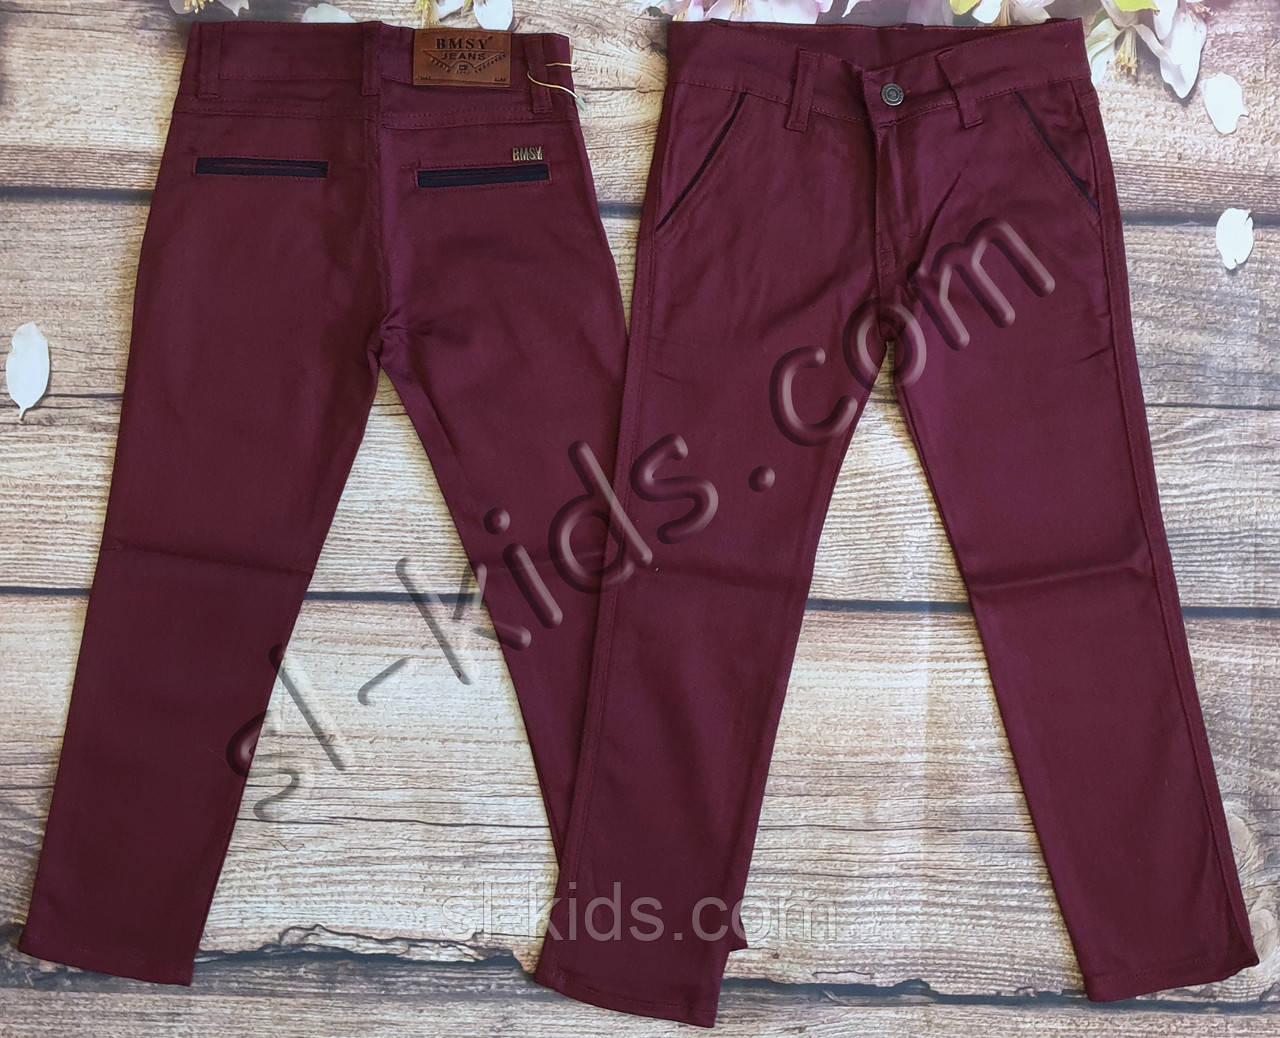 Яркие штаны для мальчика 12-16 лет (бордо01) розн пр.Турция